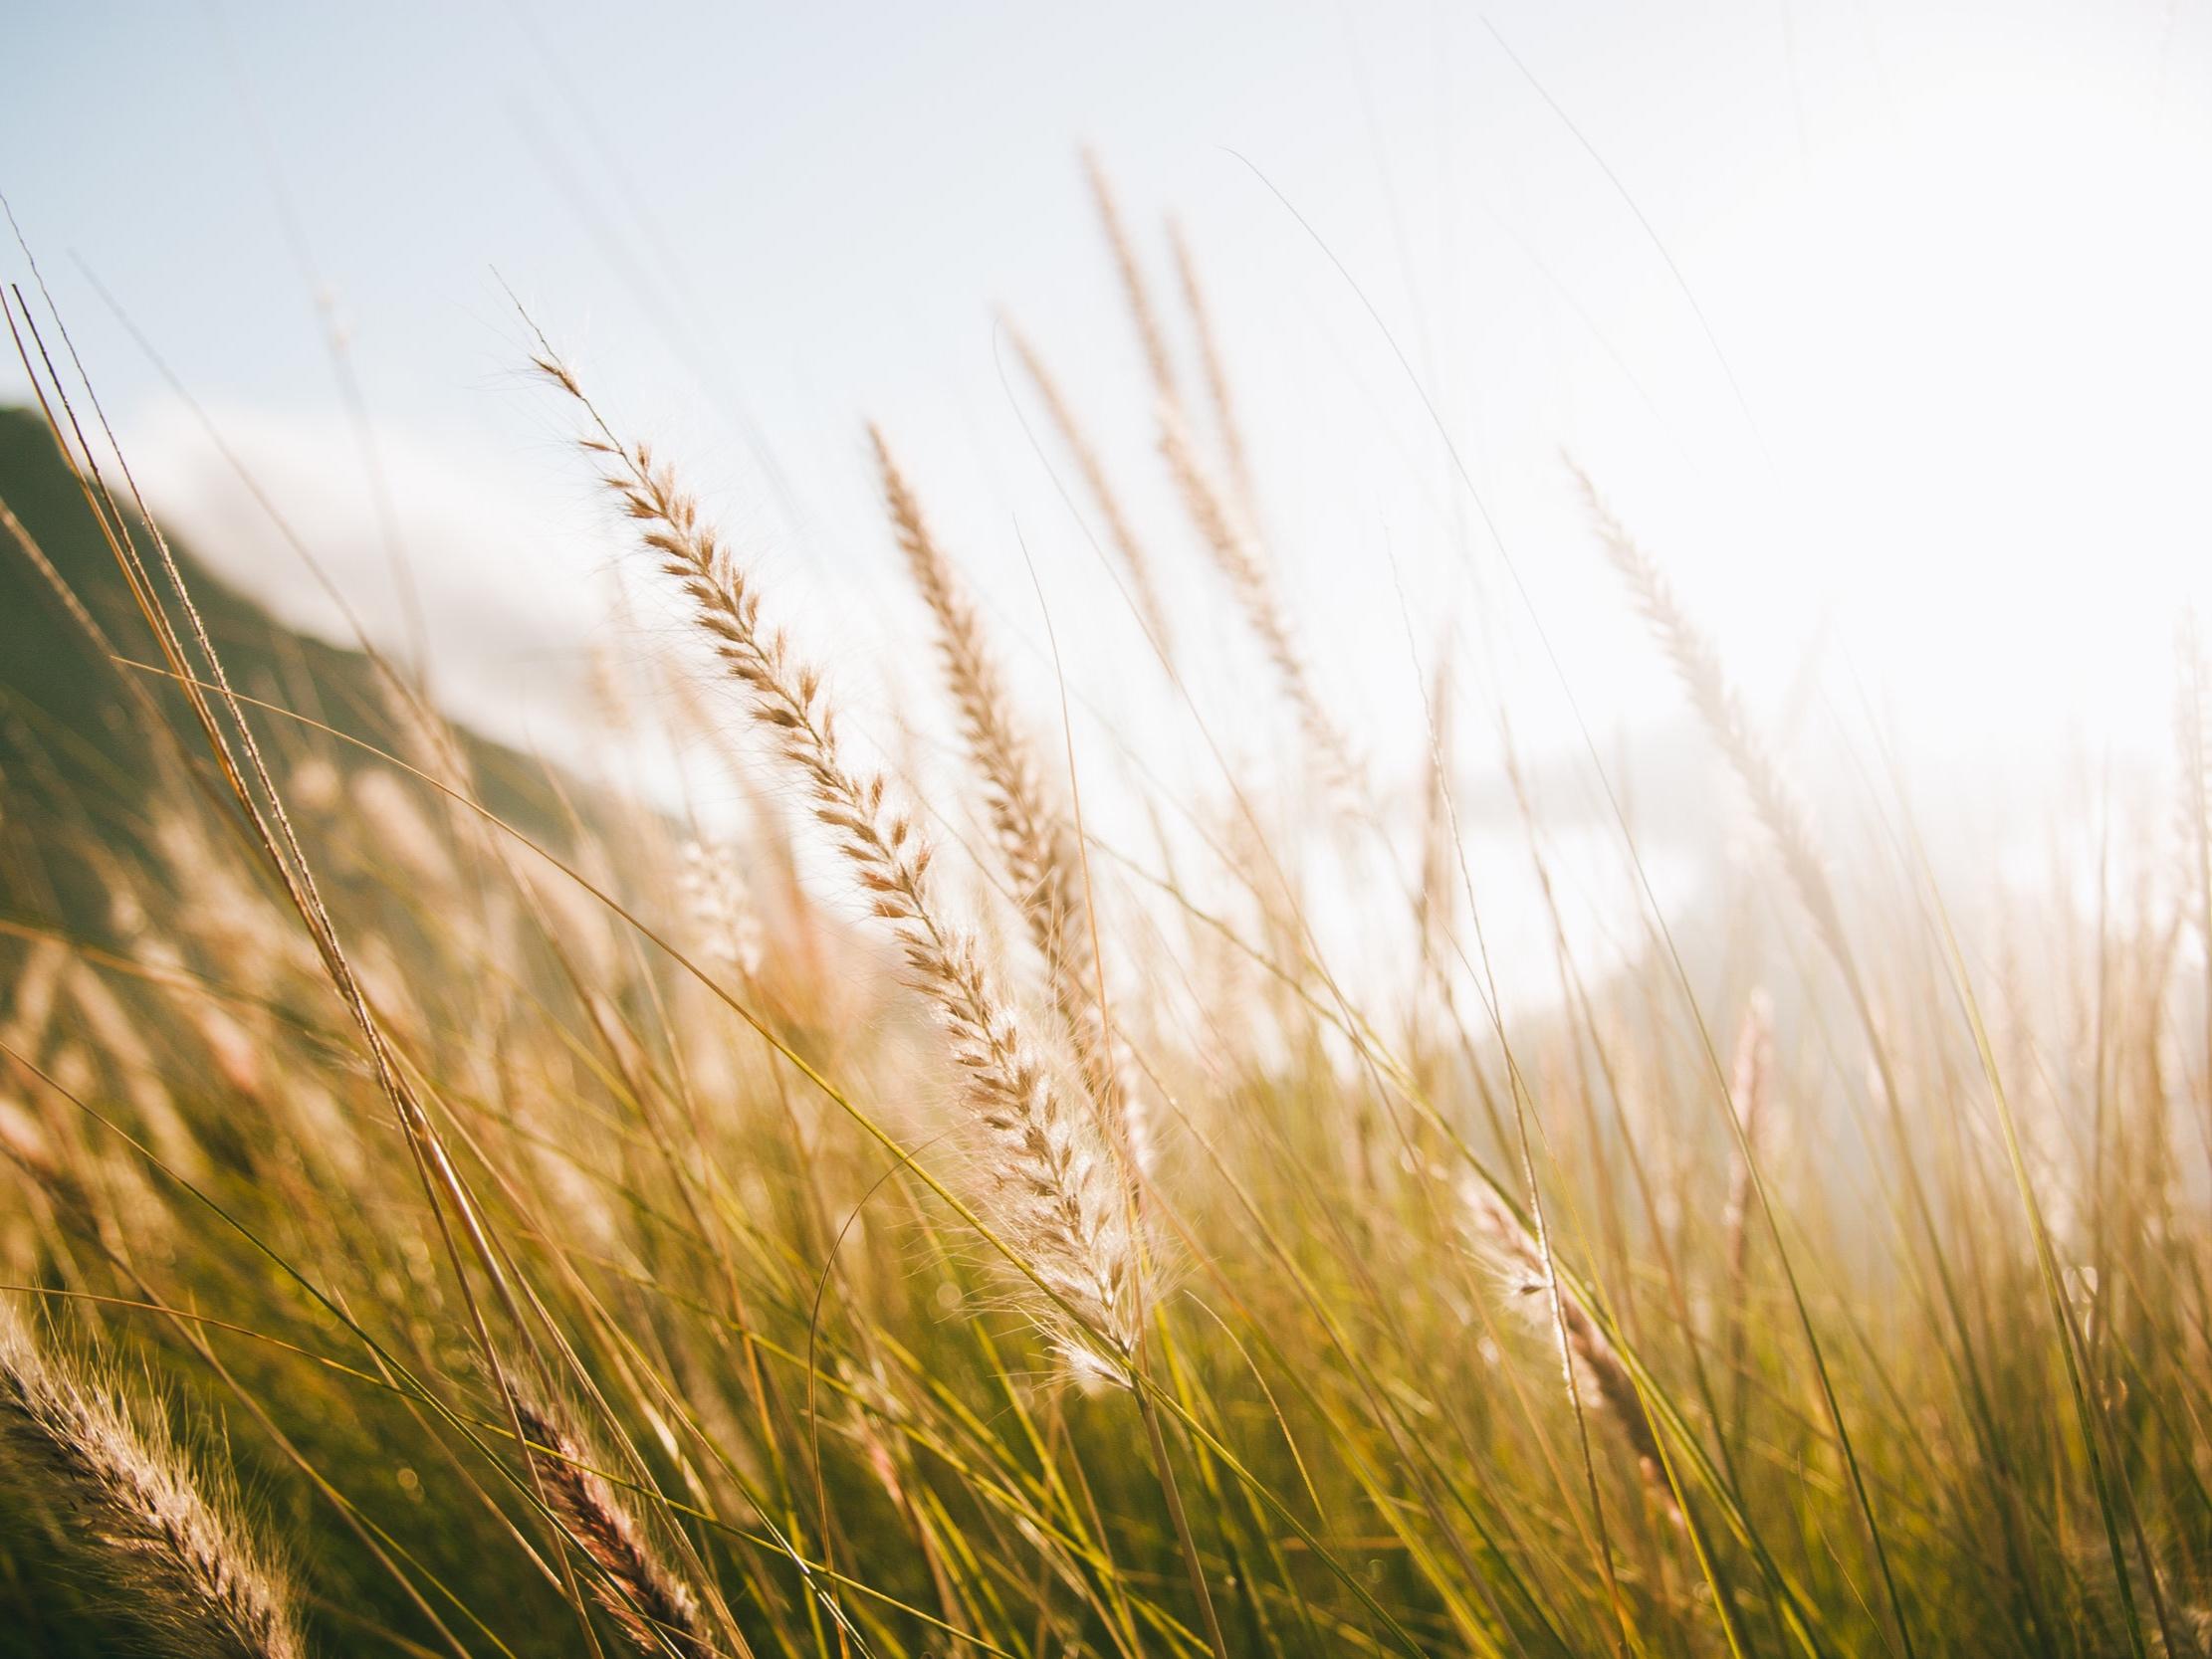 """Les champs de blé   L'odeur des champs de blé coupés à la moisson ramène Amandine à des souvenirs de son enfance en campagne… Pendant ses études, lorsqu'elle revenait de """"la ville"""", elle baissait toujours les vitres de la voiture pour pouvoir sentir le blé coupé. Ce genre d'odeurs qui font partie de notre quotidien, auxquelles on ne fait plus attention, et qui nous manquent lorsqu'on ne les a plus sous le nez…  En parfumerie, la note blé est très récente et réservée à la parfumerie fine ainsi qu'aux parfums d'ambiance. Son parfum balsamique et vert s'accorde avec des notes herbacées, santalées et des parfums fougères. L'originalité de cette matière première vient de sa facette naturelle de céréale et de fruits secs."""